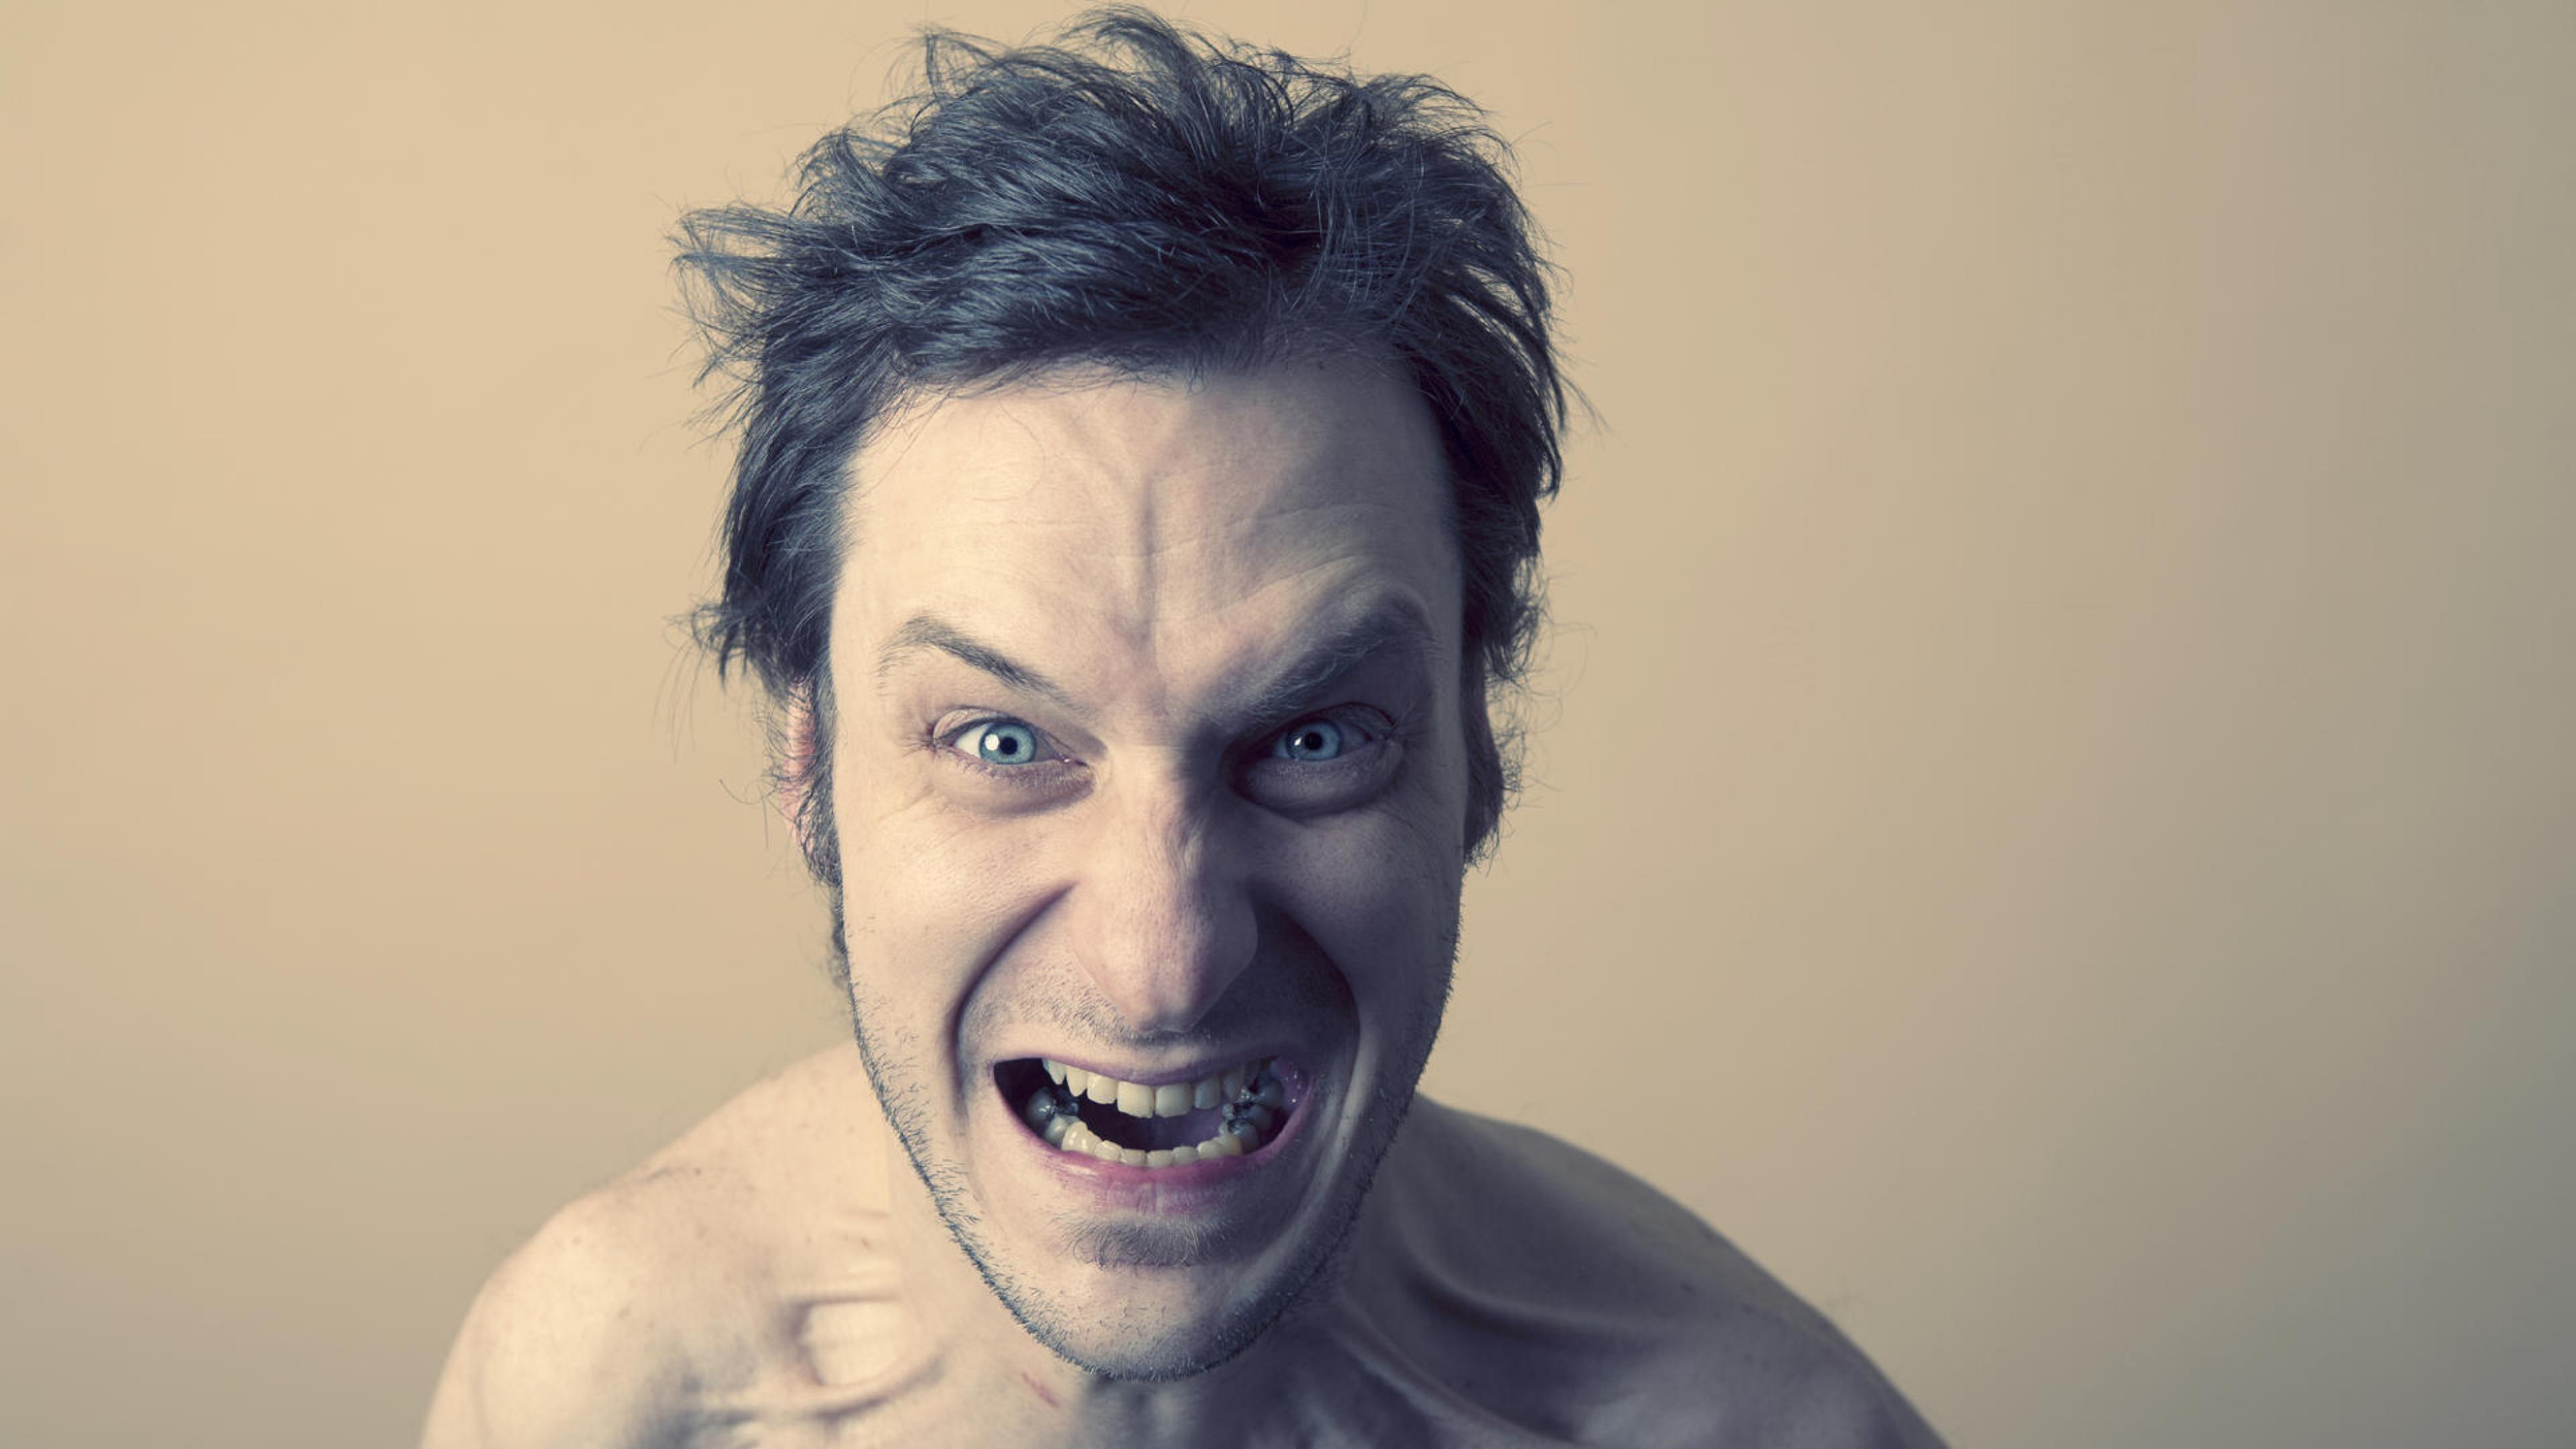 Психологи оценили число психопатов в обществе